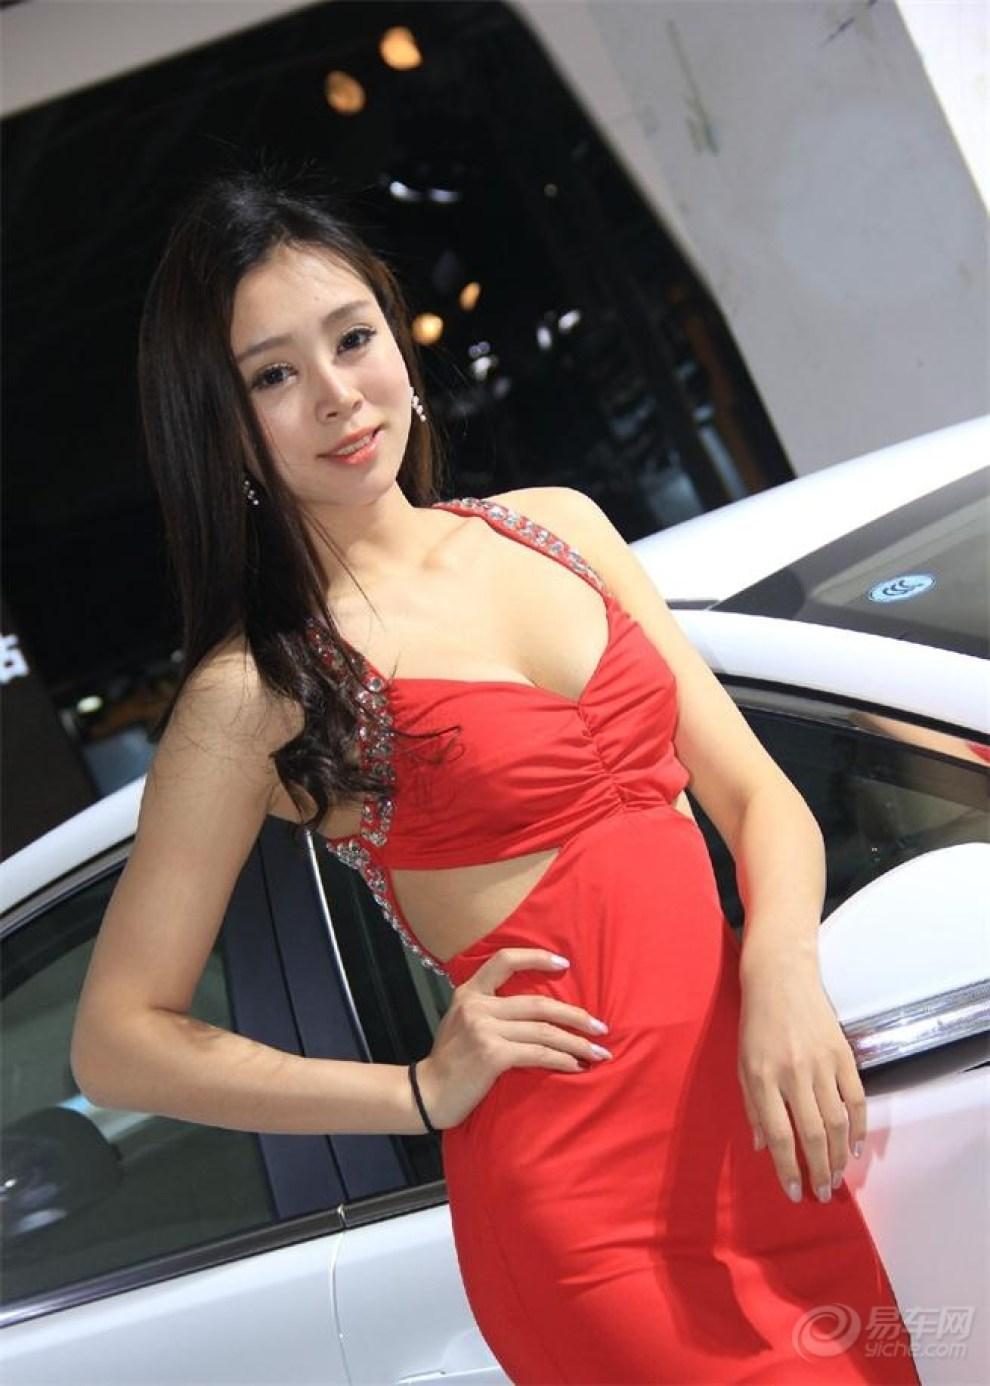 【兰州车展美女模特贼拉拉的漂亮!】 甘肃论坛